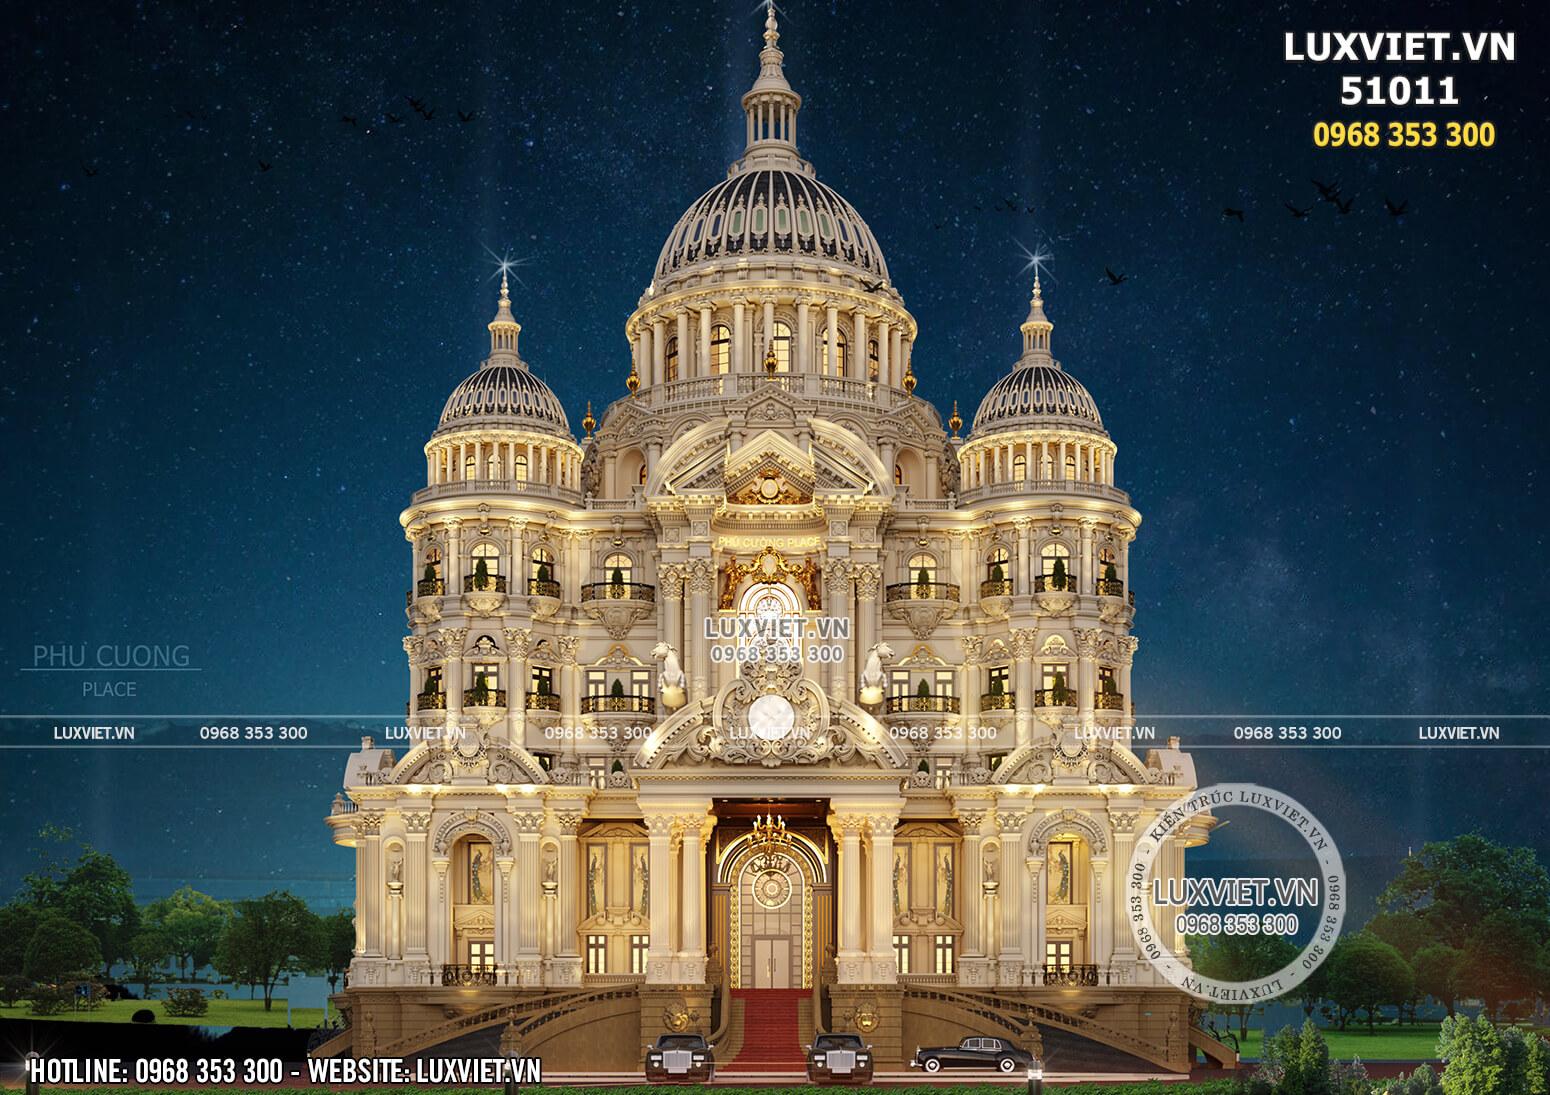 Hình ảnh: Chiễm ngưỡng vẻ đẹp tráng lệ của lâu đài lớn nhất Việt Nam - LV 51011